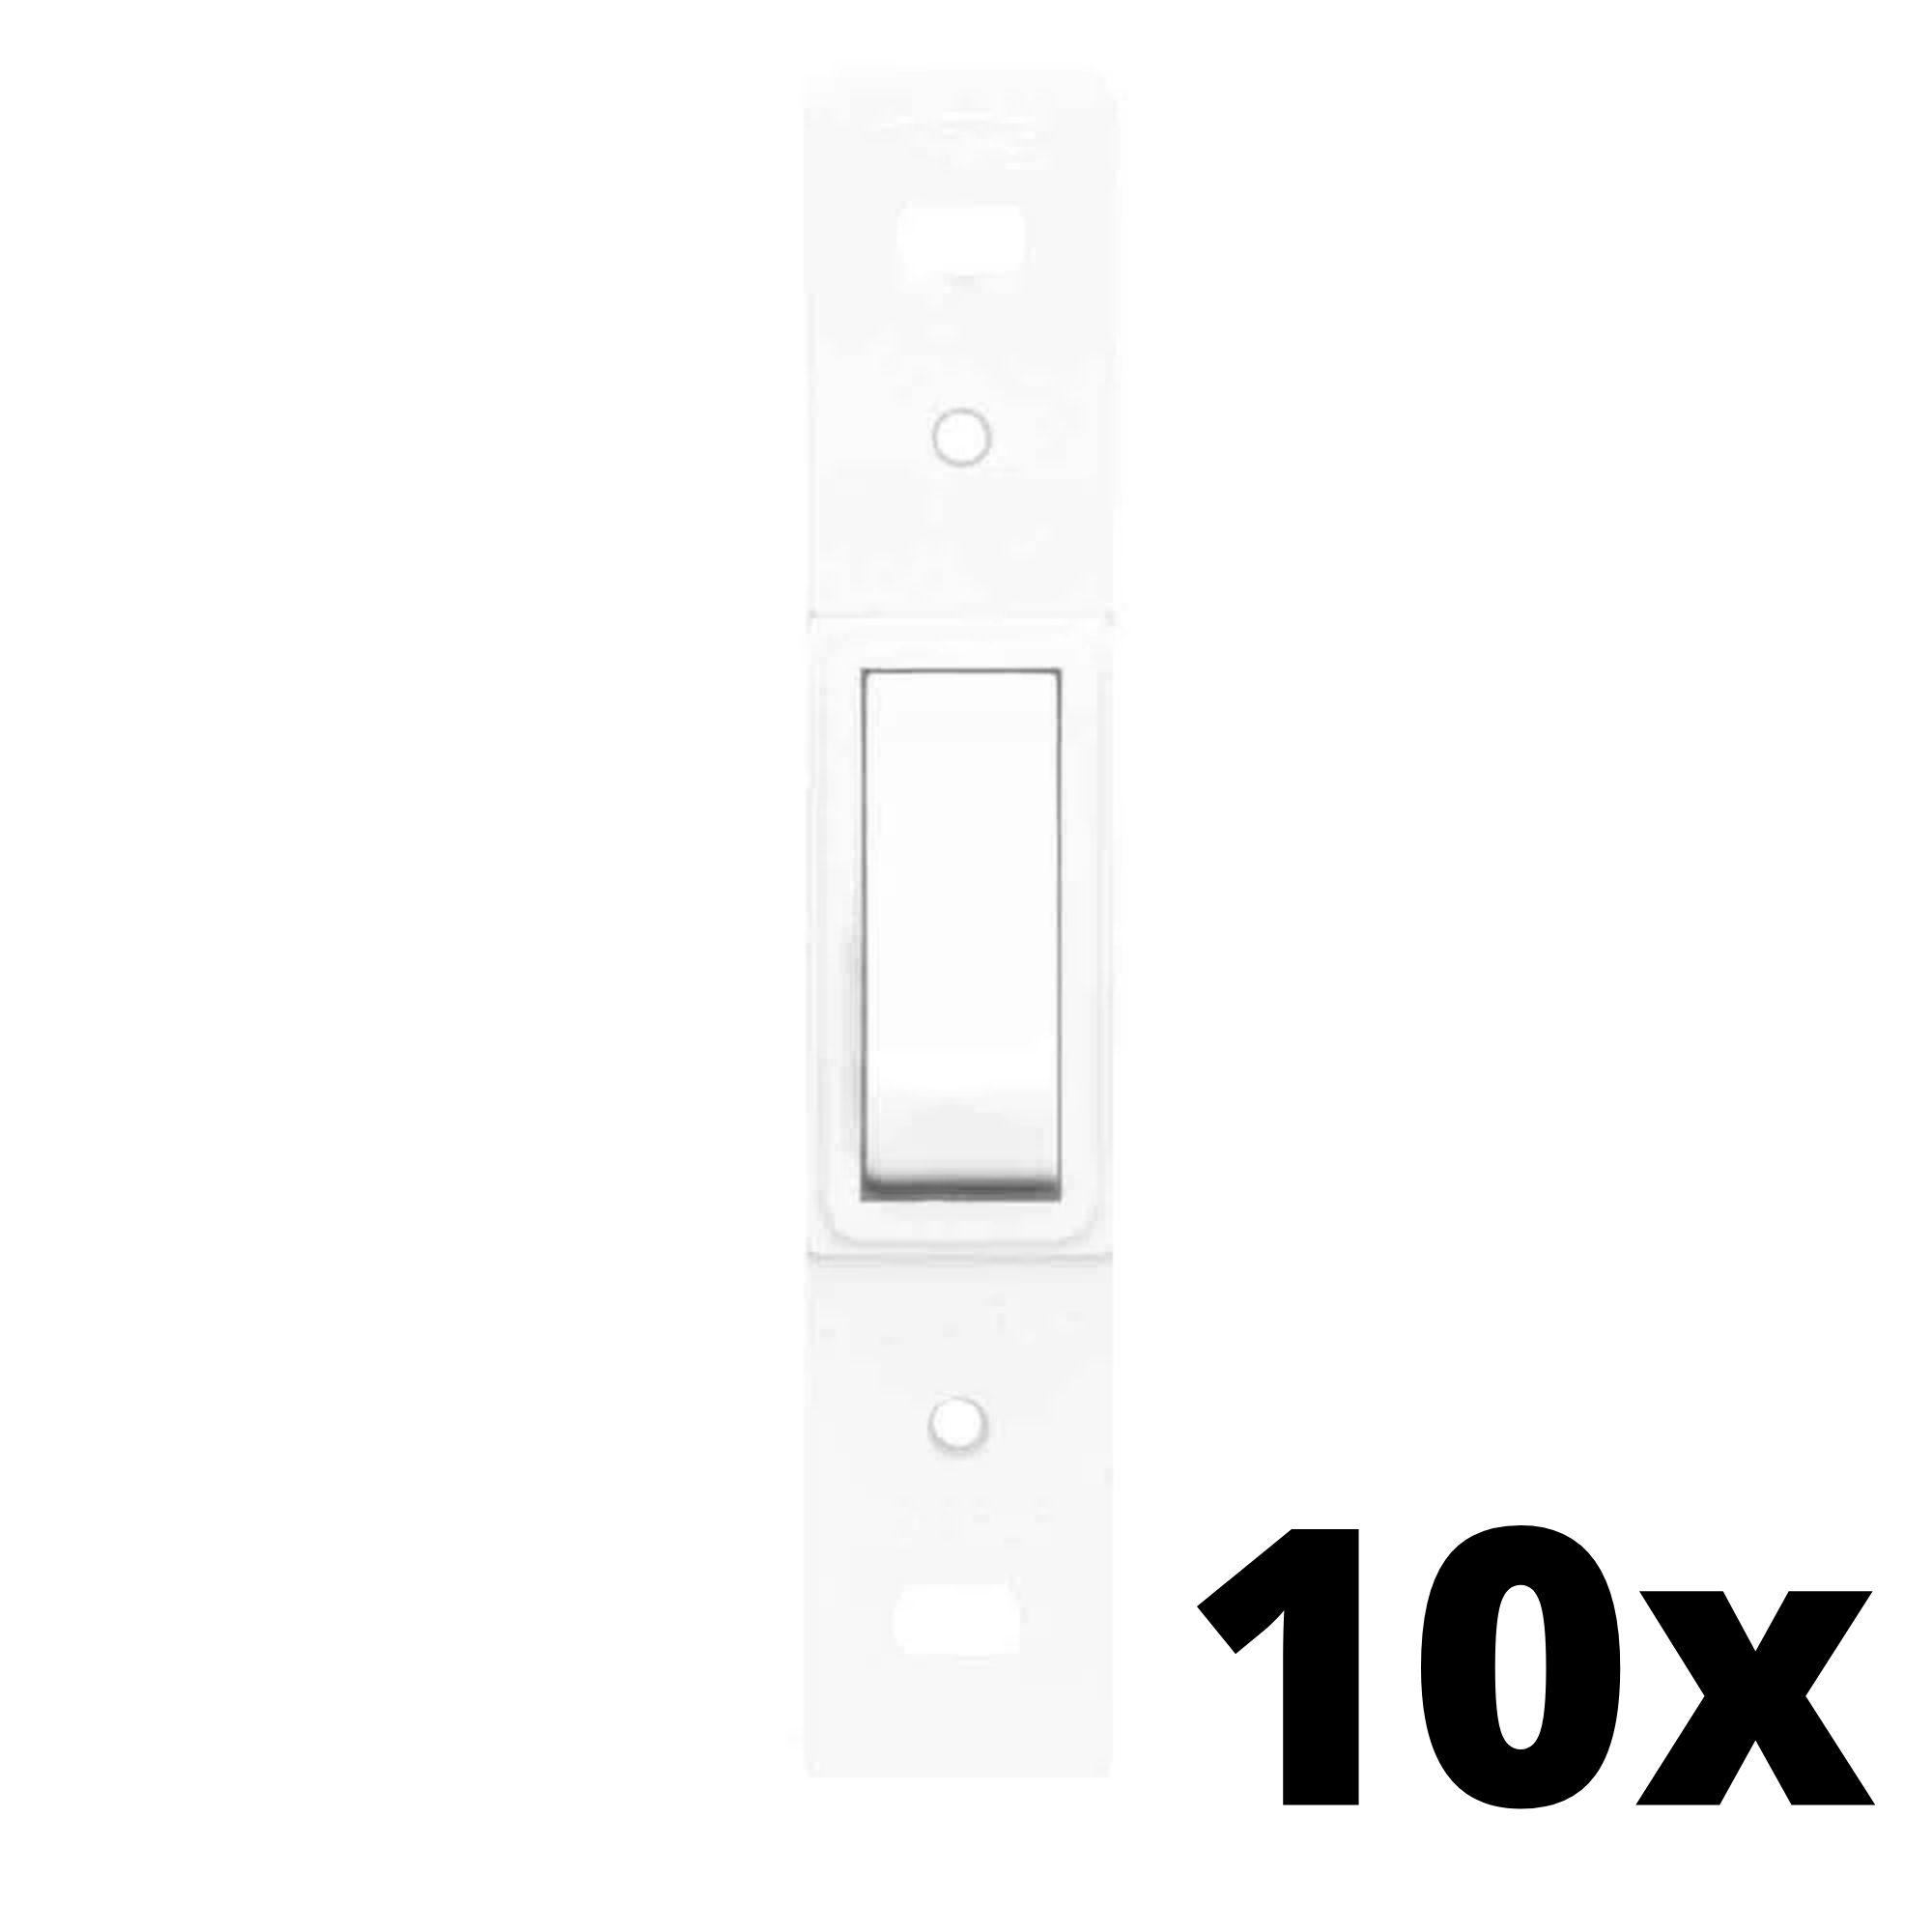 Kit 10 und Blanc 1 Seção de Interruptor Simples Sem Placa